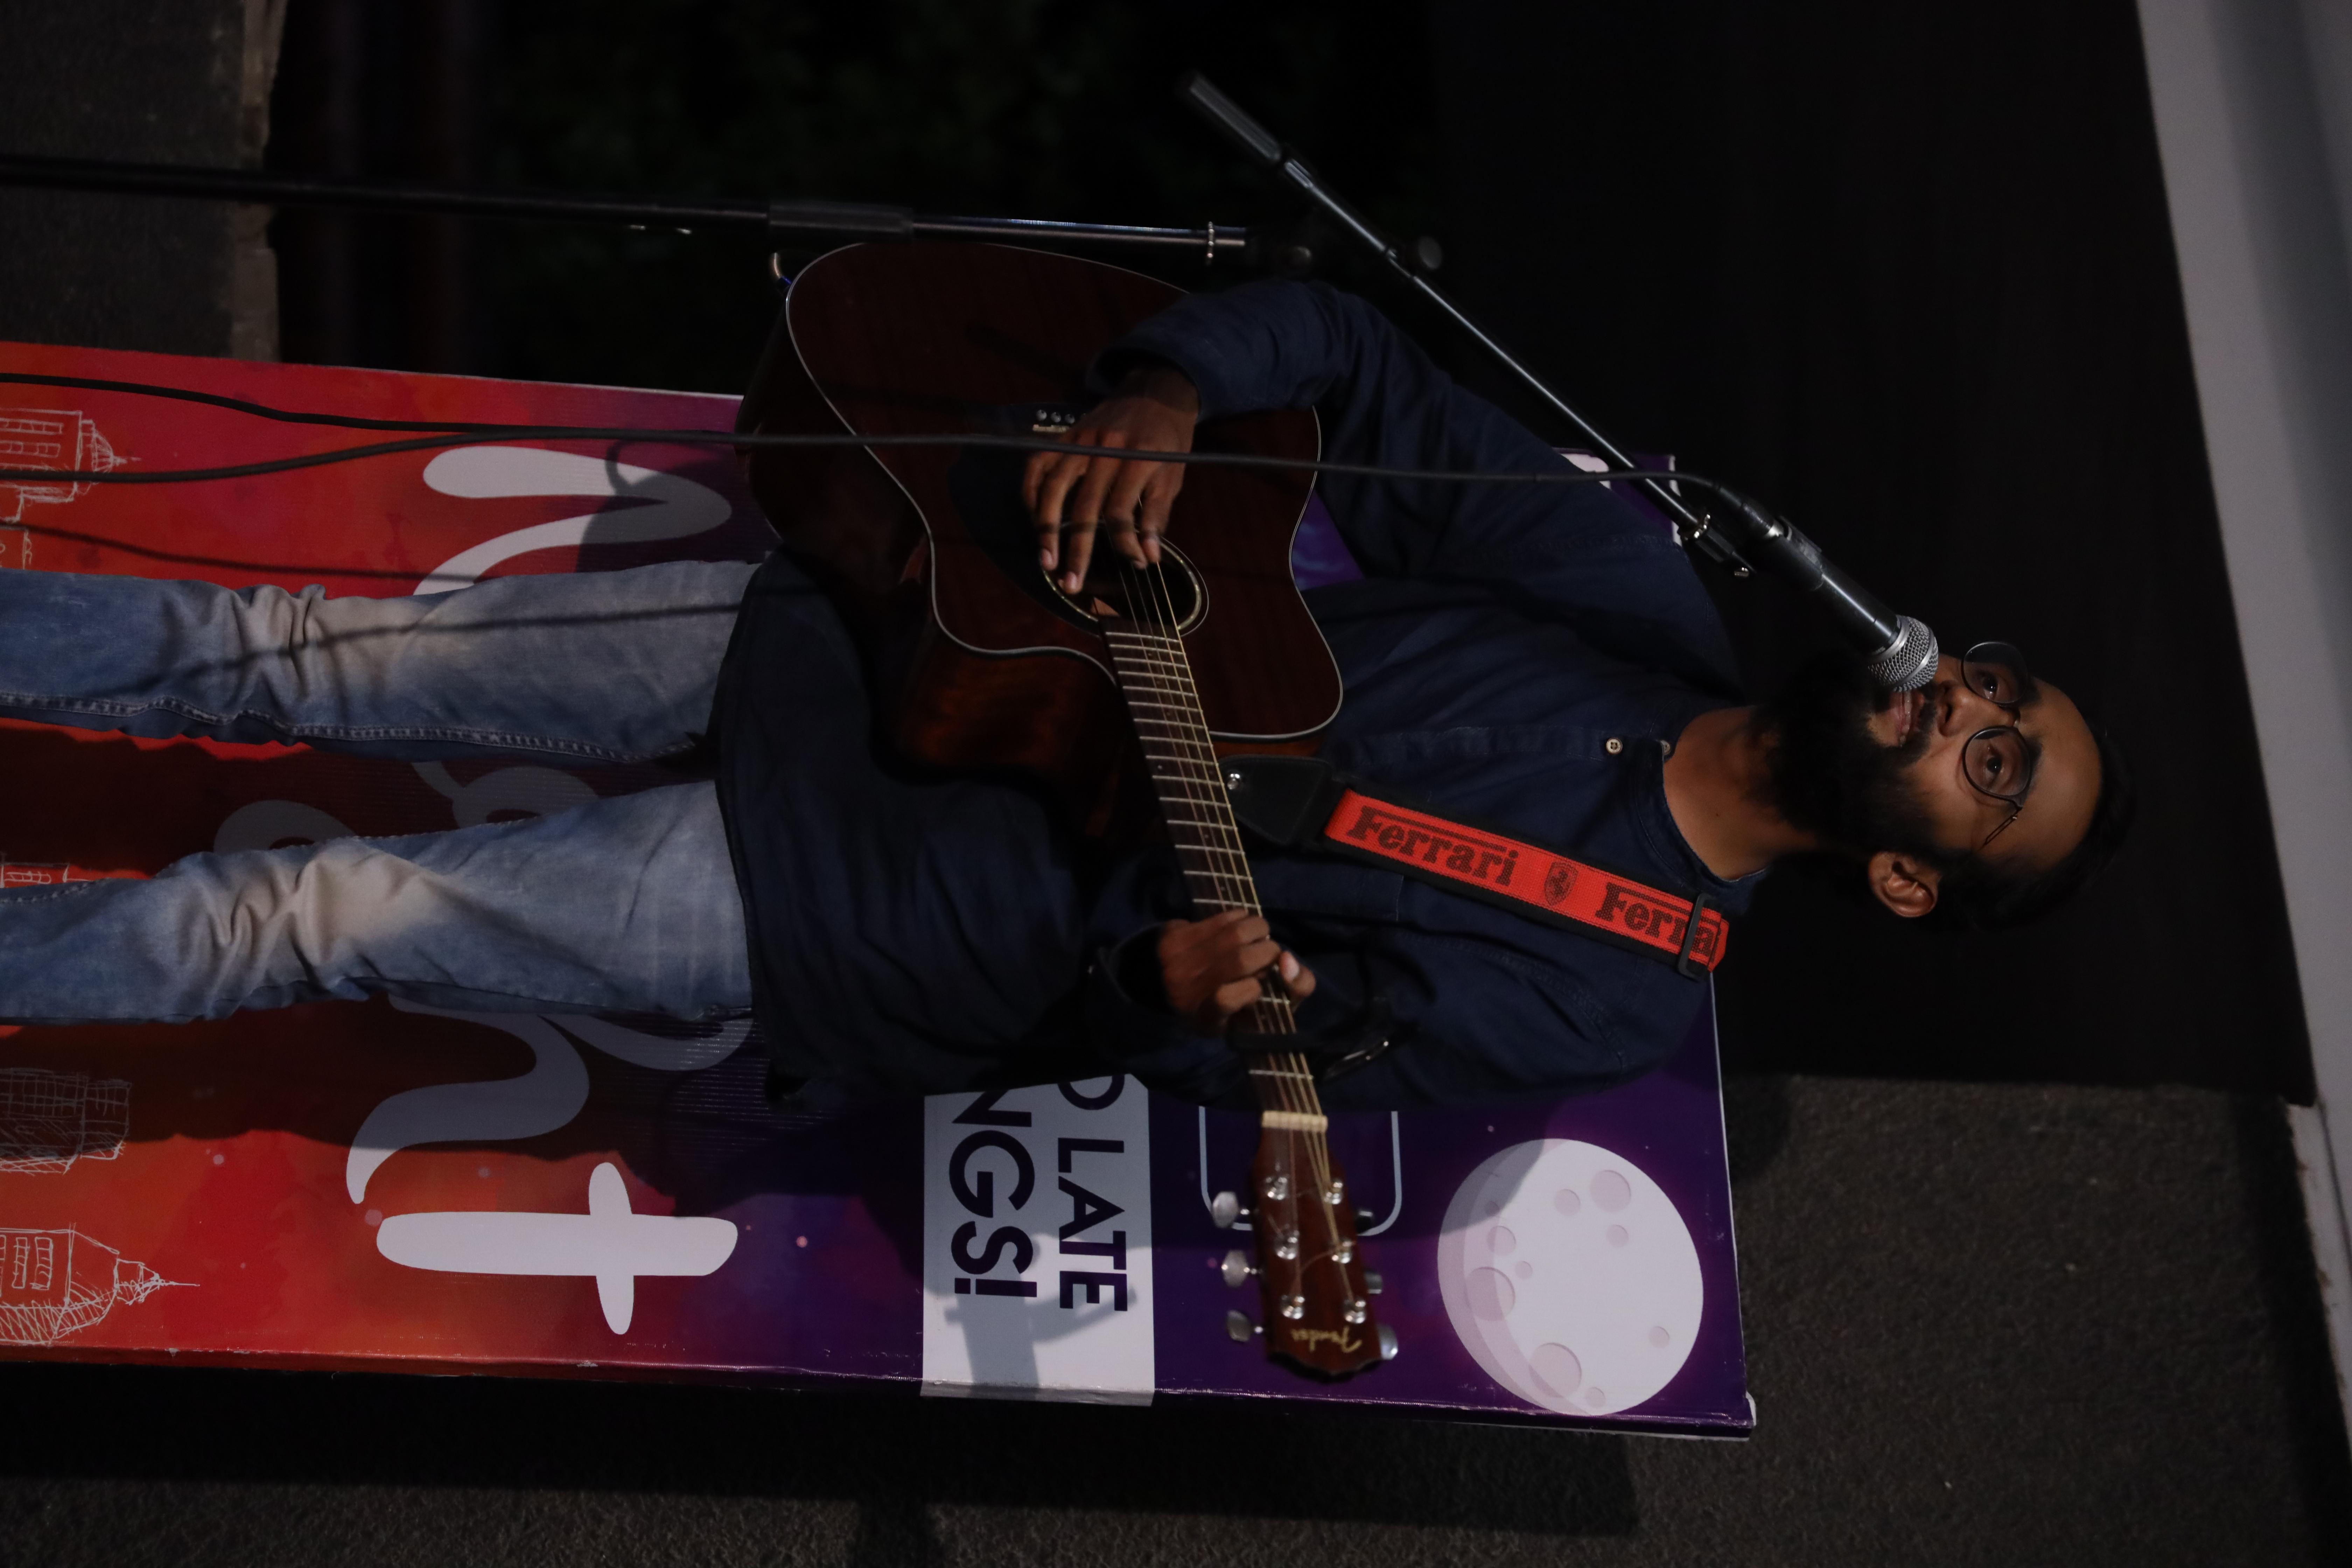 Govind Maheshwari